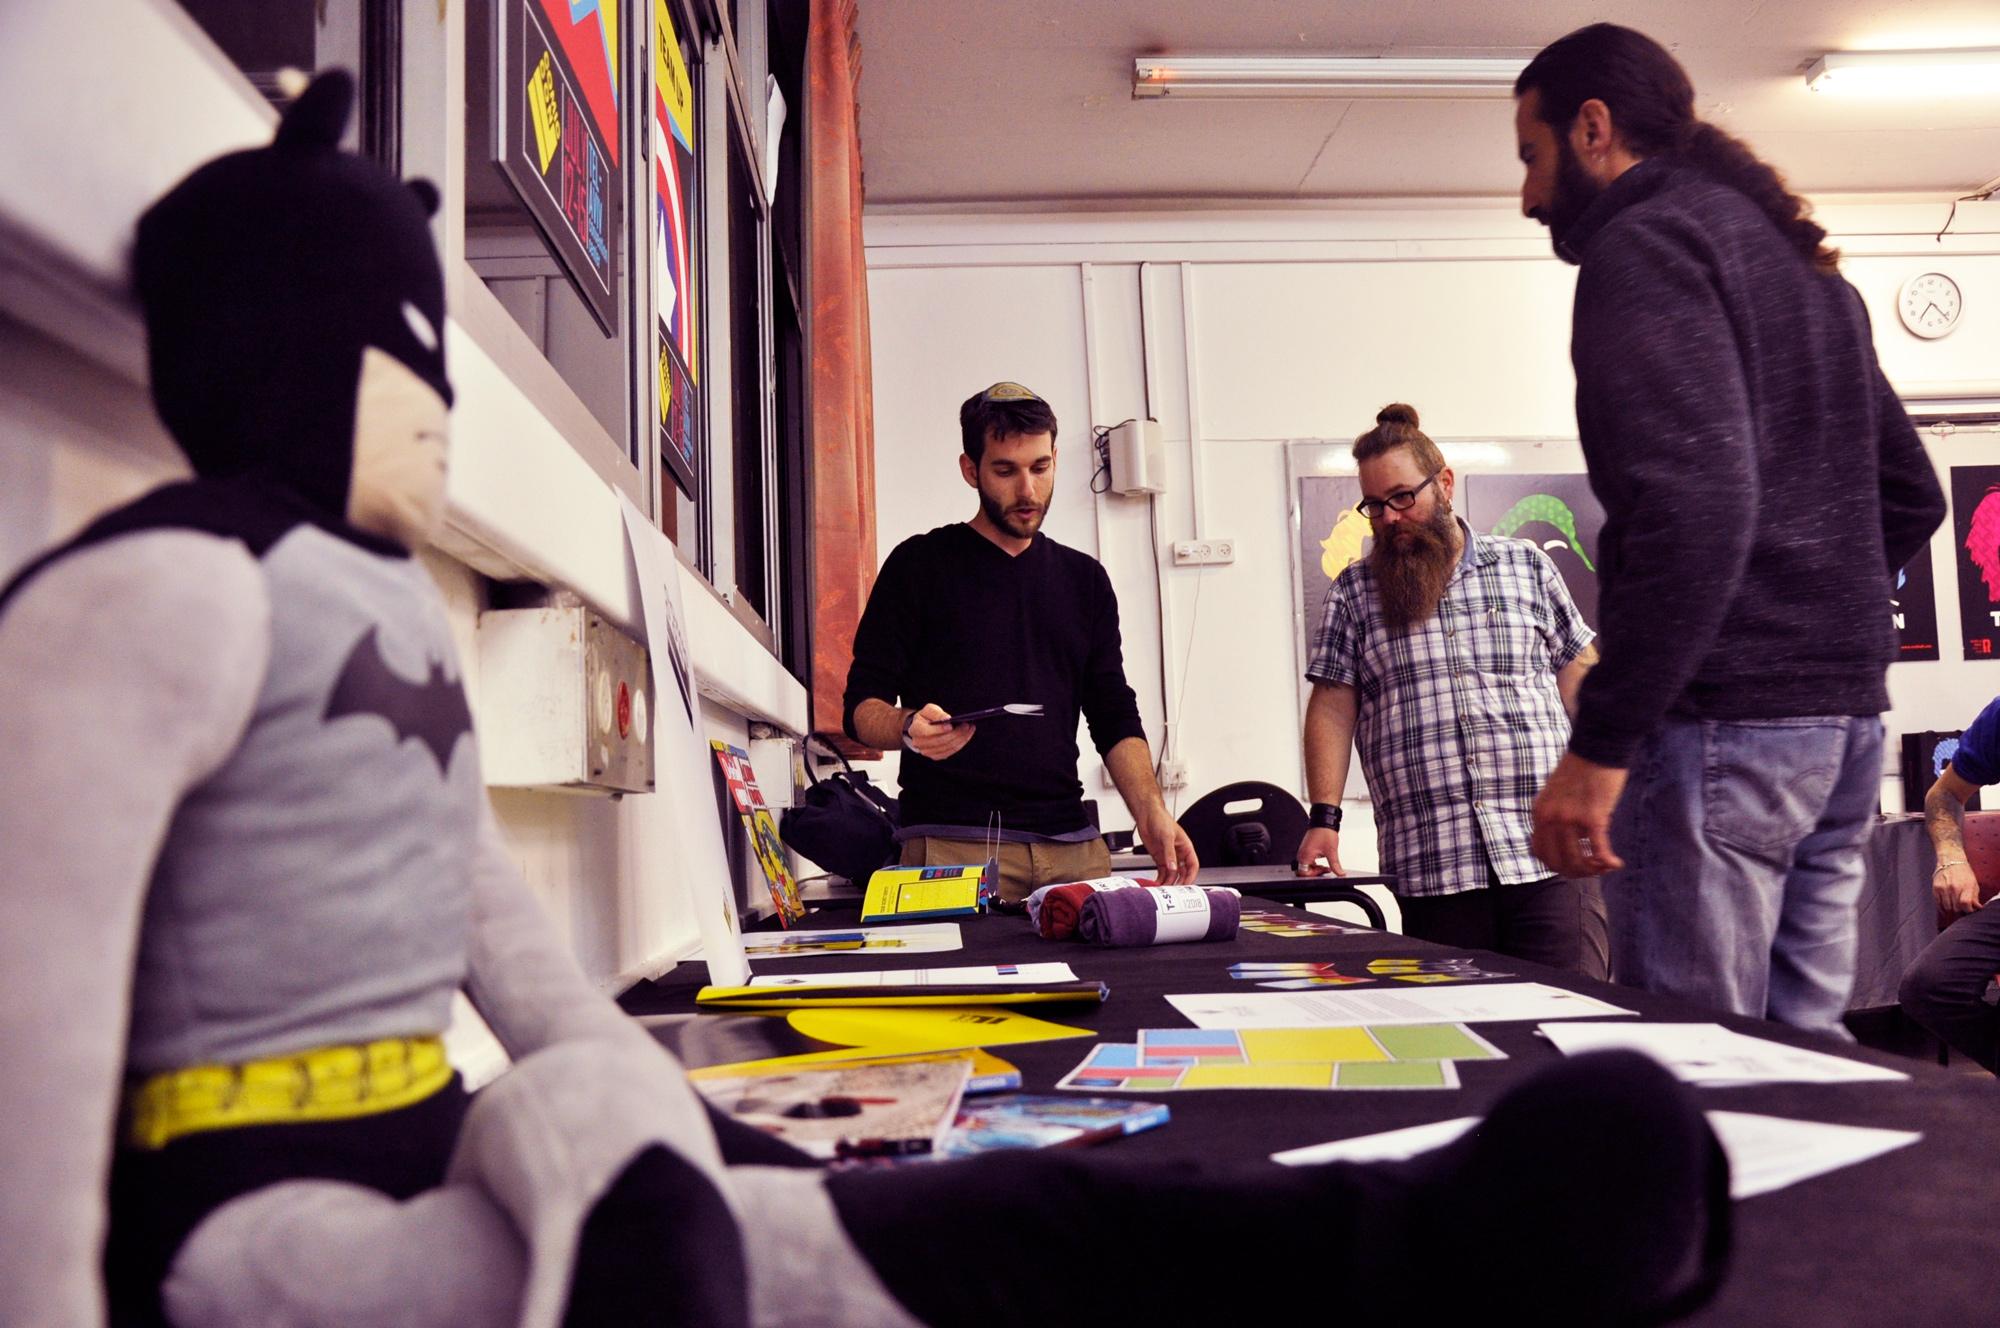 תצוגת עבודות קורס עיצוב גרפי, צילום: מאיה לוי - שנקר הנדסאים